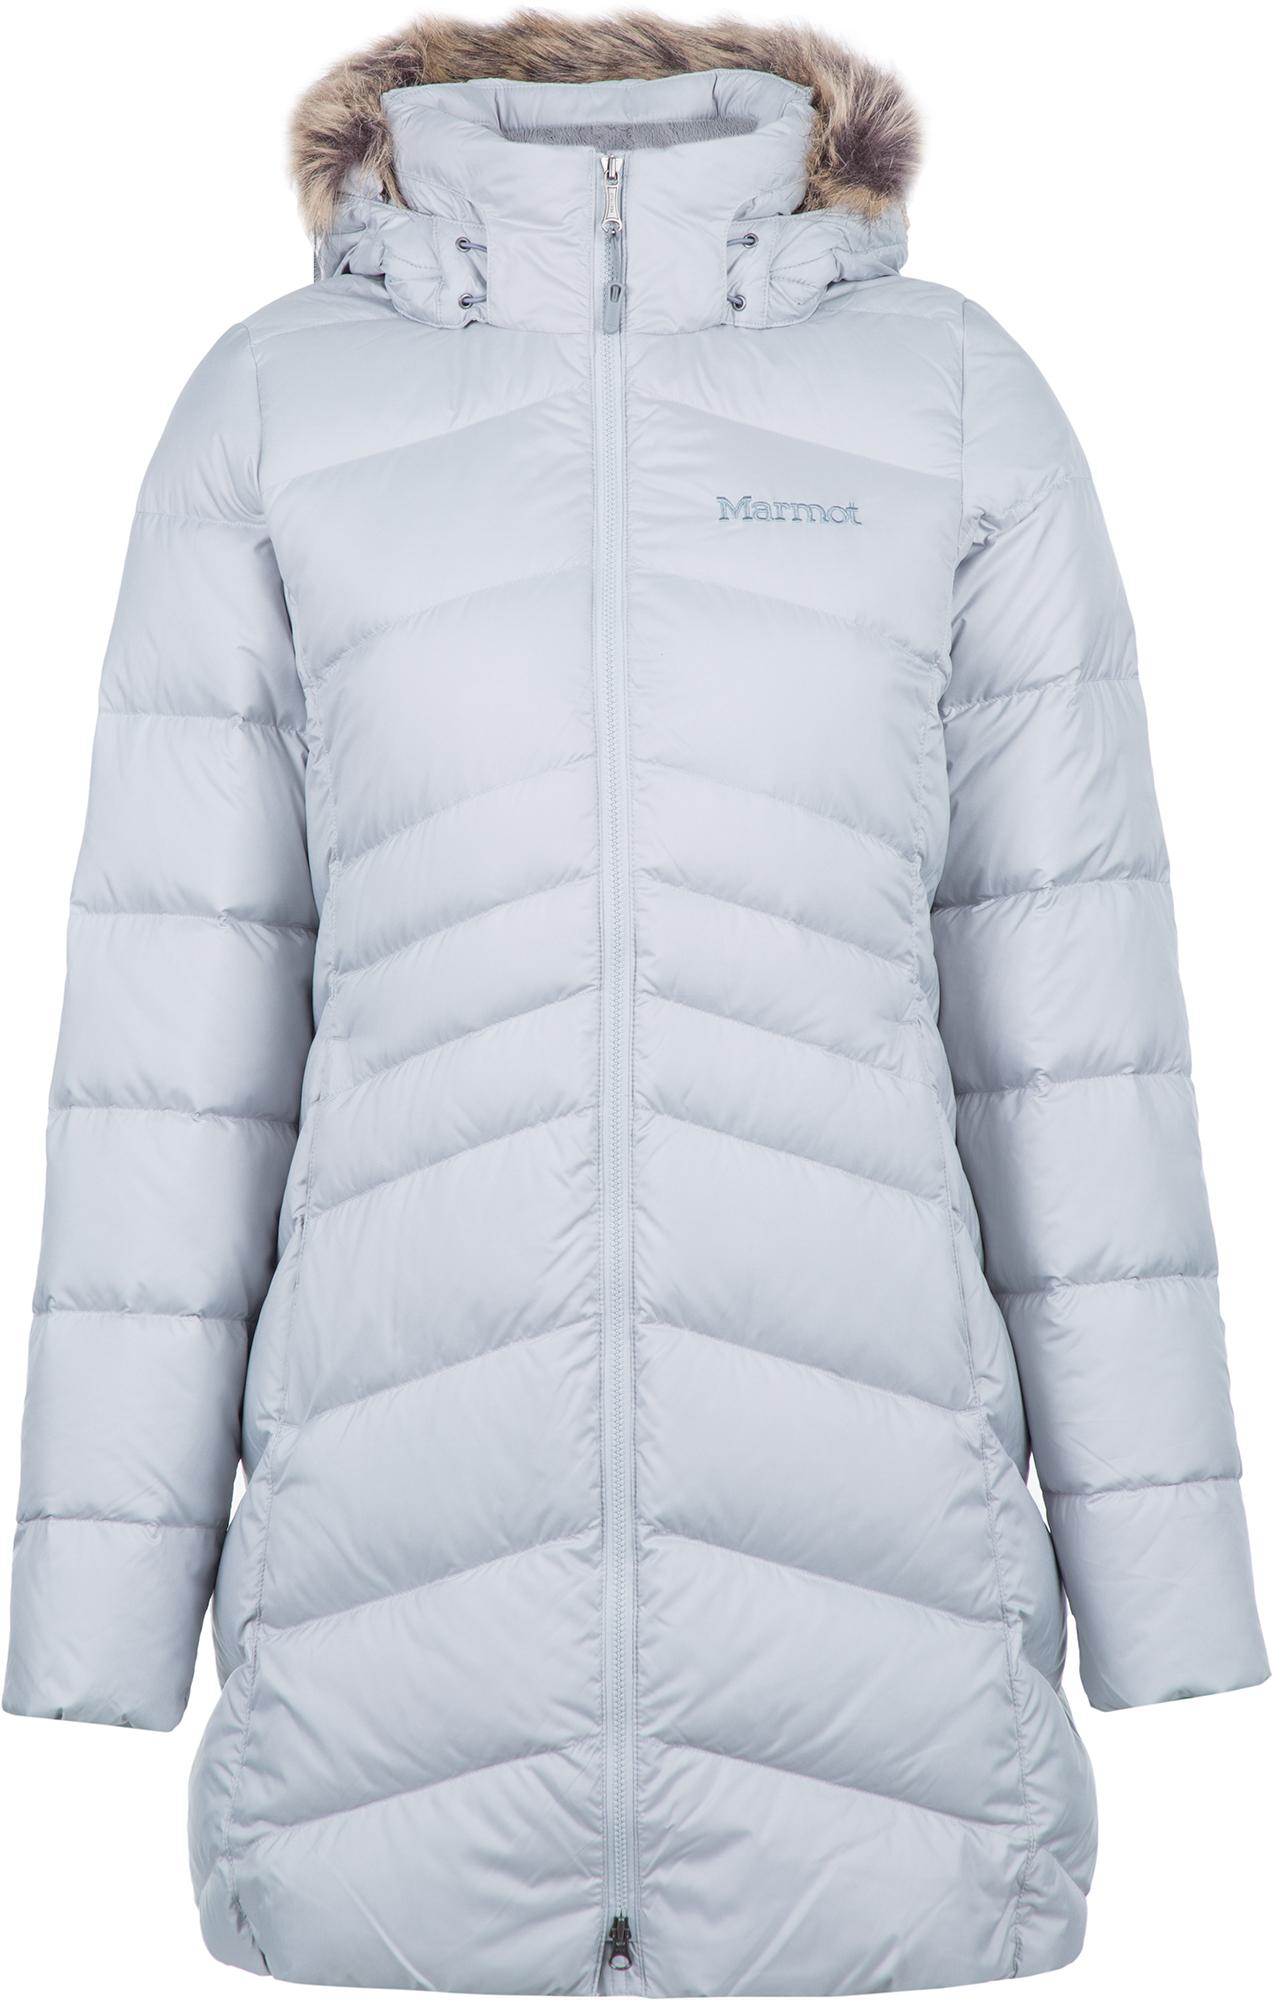 цена на Marmot Куртка пуховая женская Marmot Montreal, размер 54-56